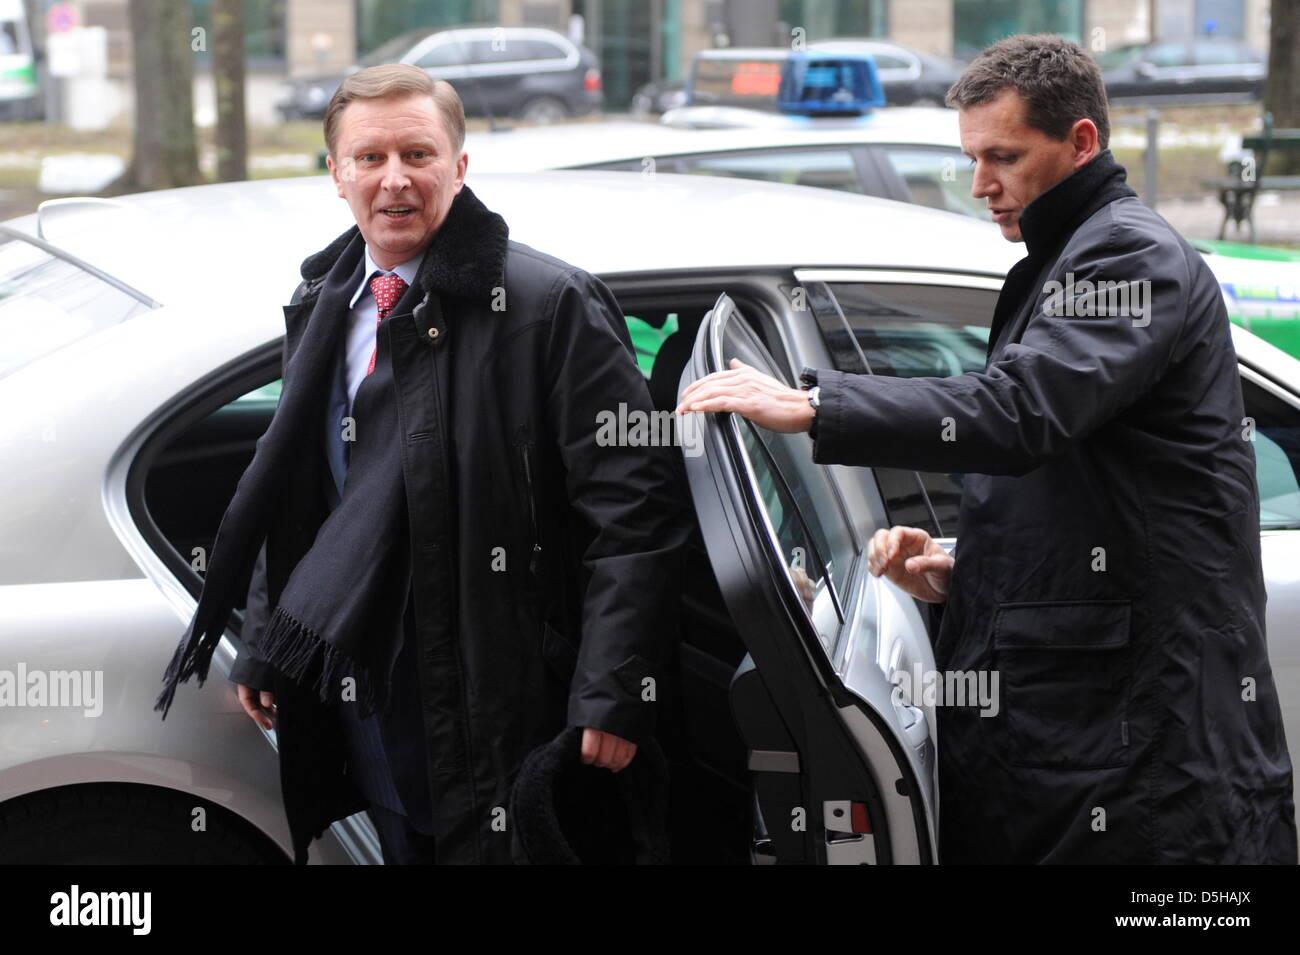 Der russische Vize-Premierminister, Sergej Iwanow, kommt am Freitag (05.02.2010) zur 46. Sicherheitskonferenz in - Stock Image